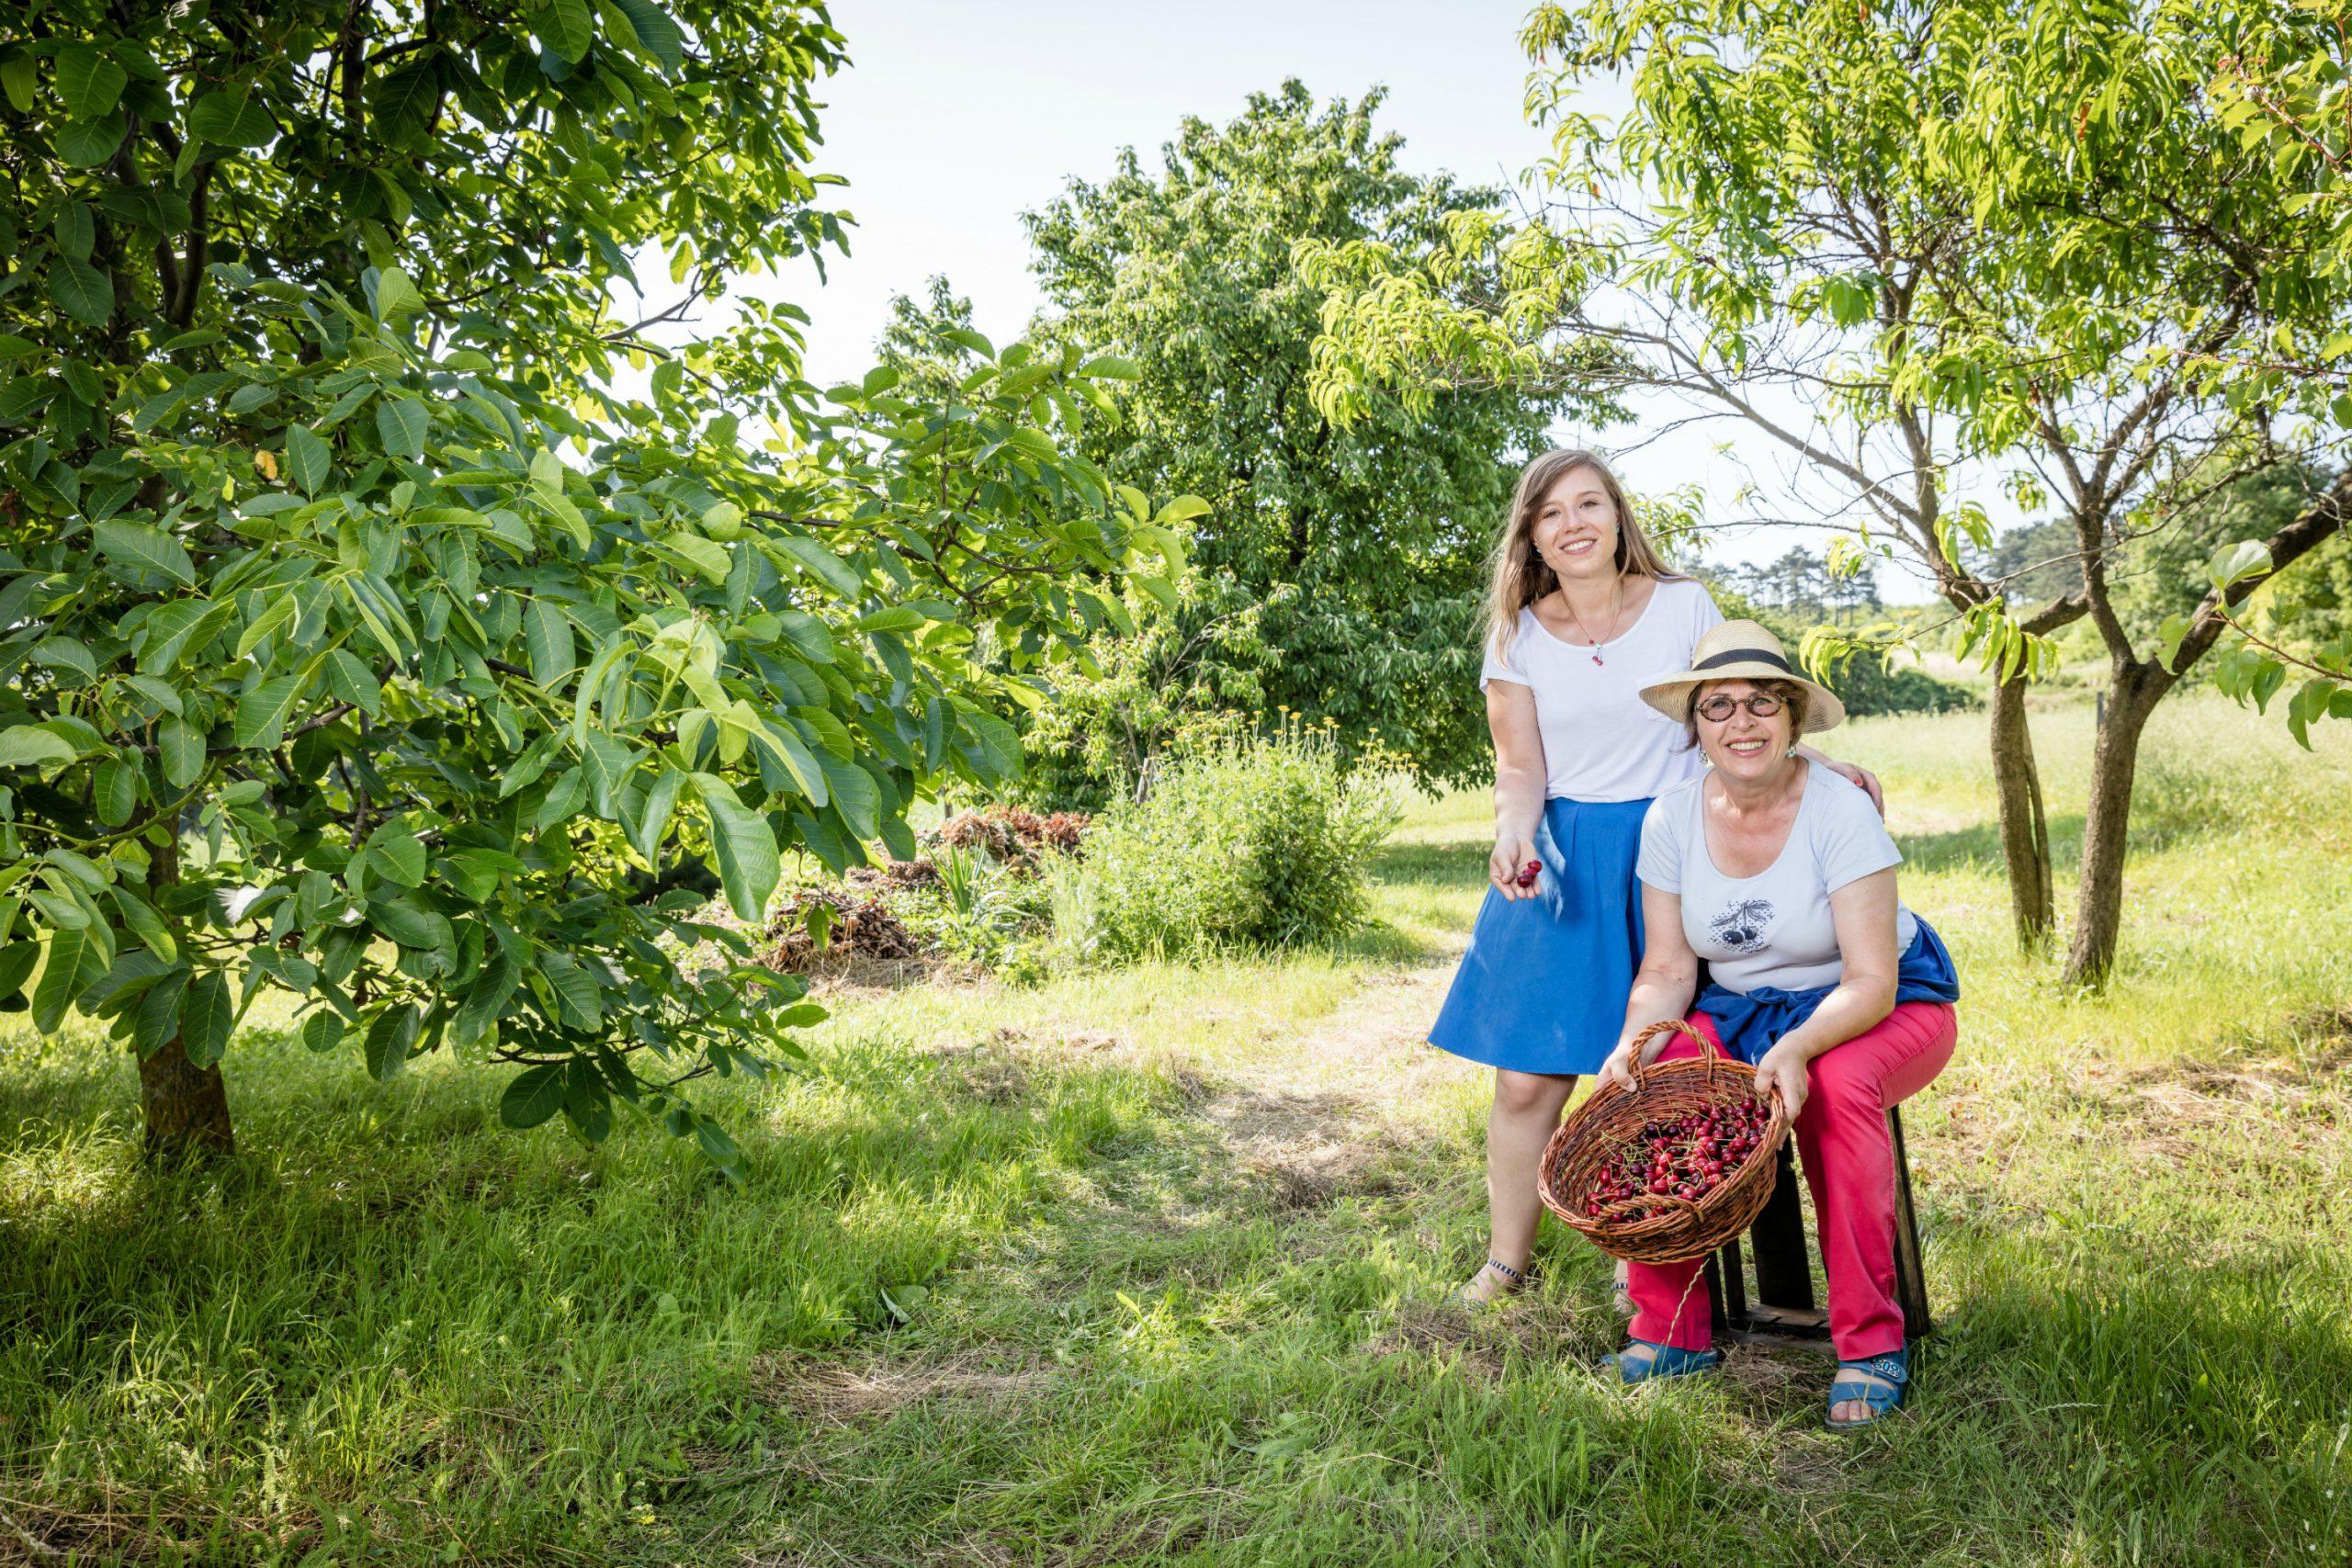 Andrea und Rosi Strohmayer mit eine Korb Kirschen zwischen Kirschbäumen